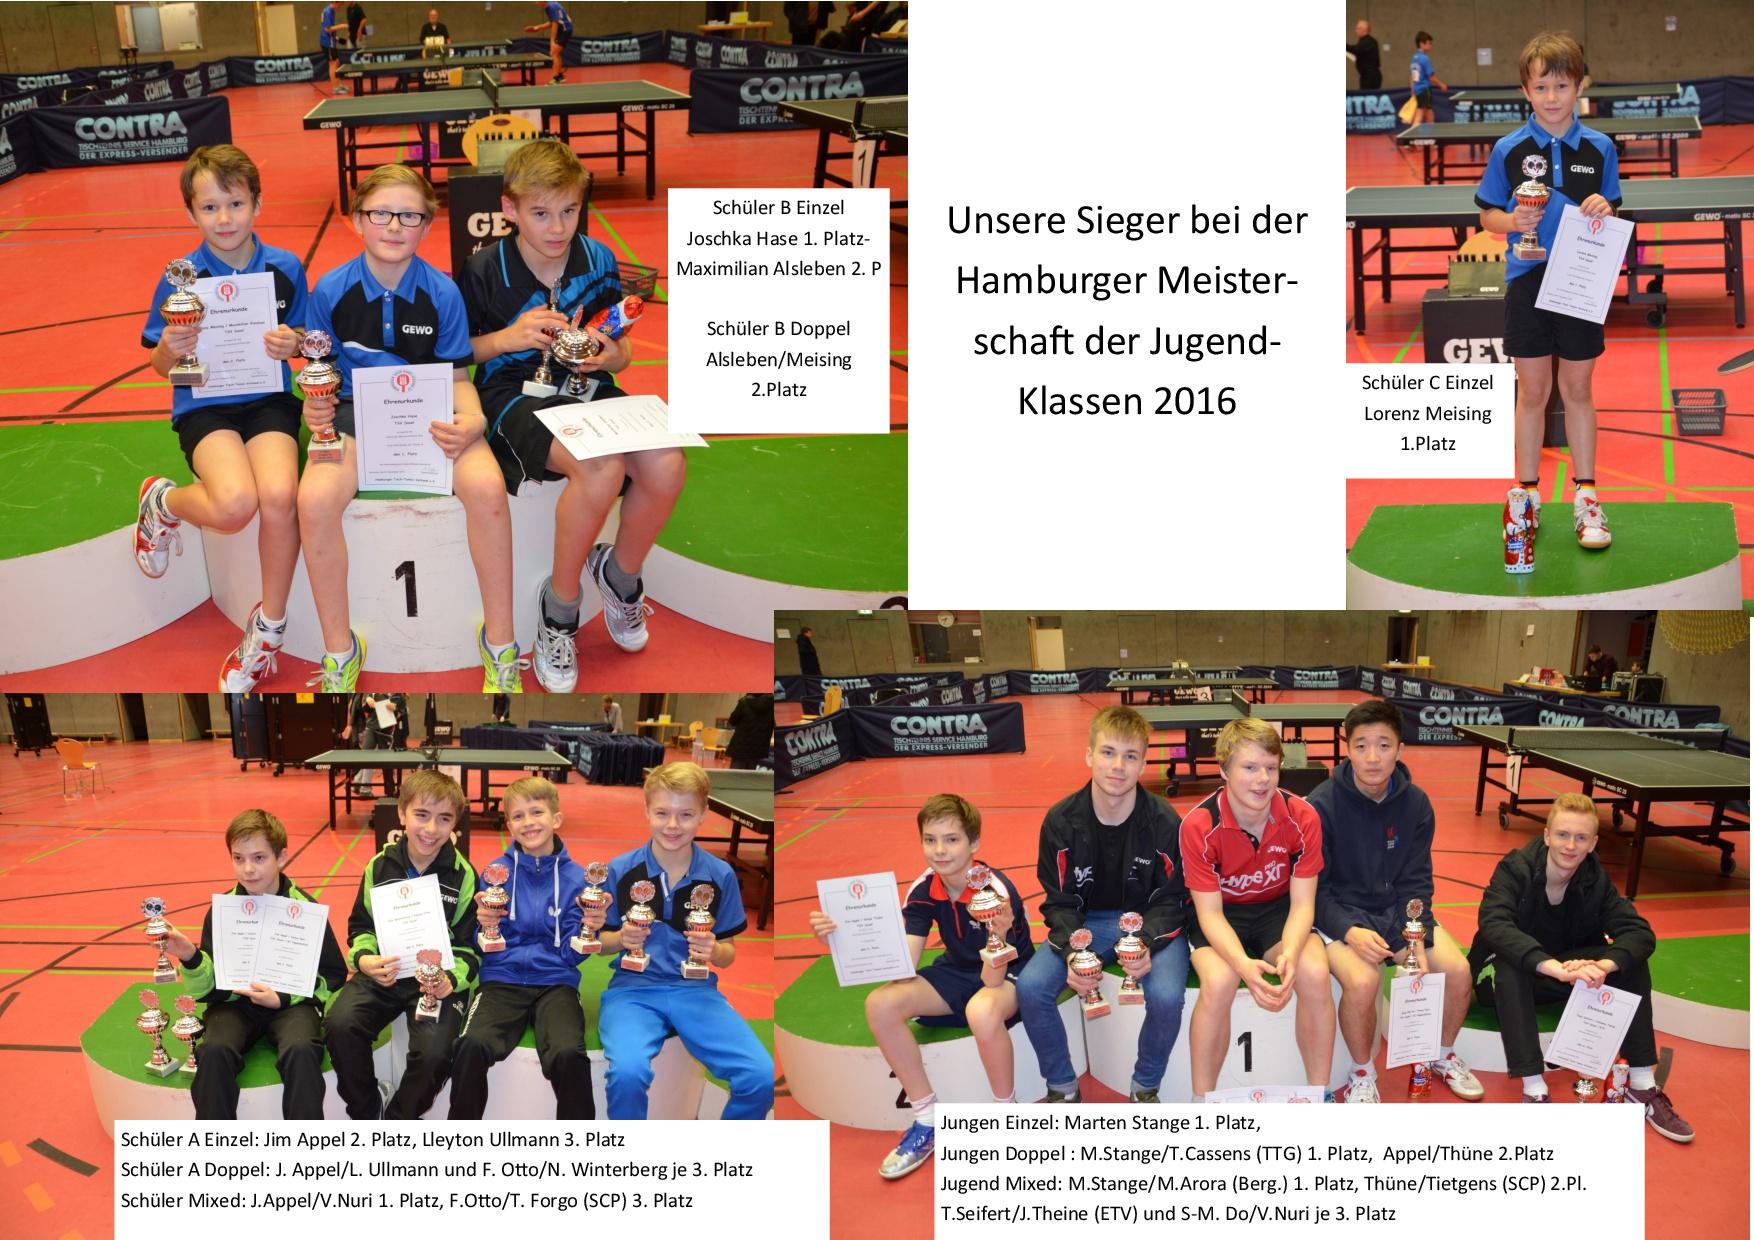 hem-sieger-collage2-1